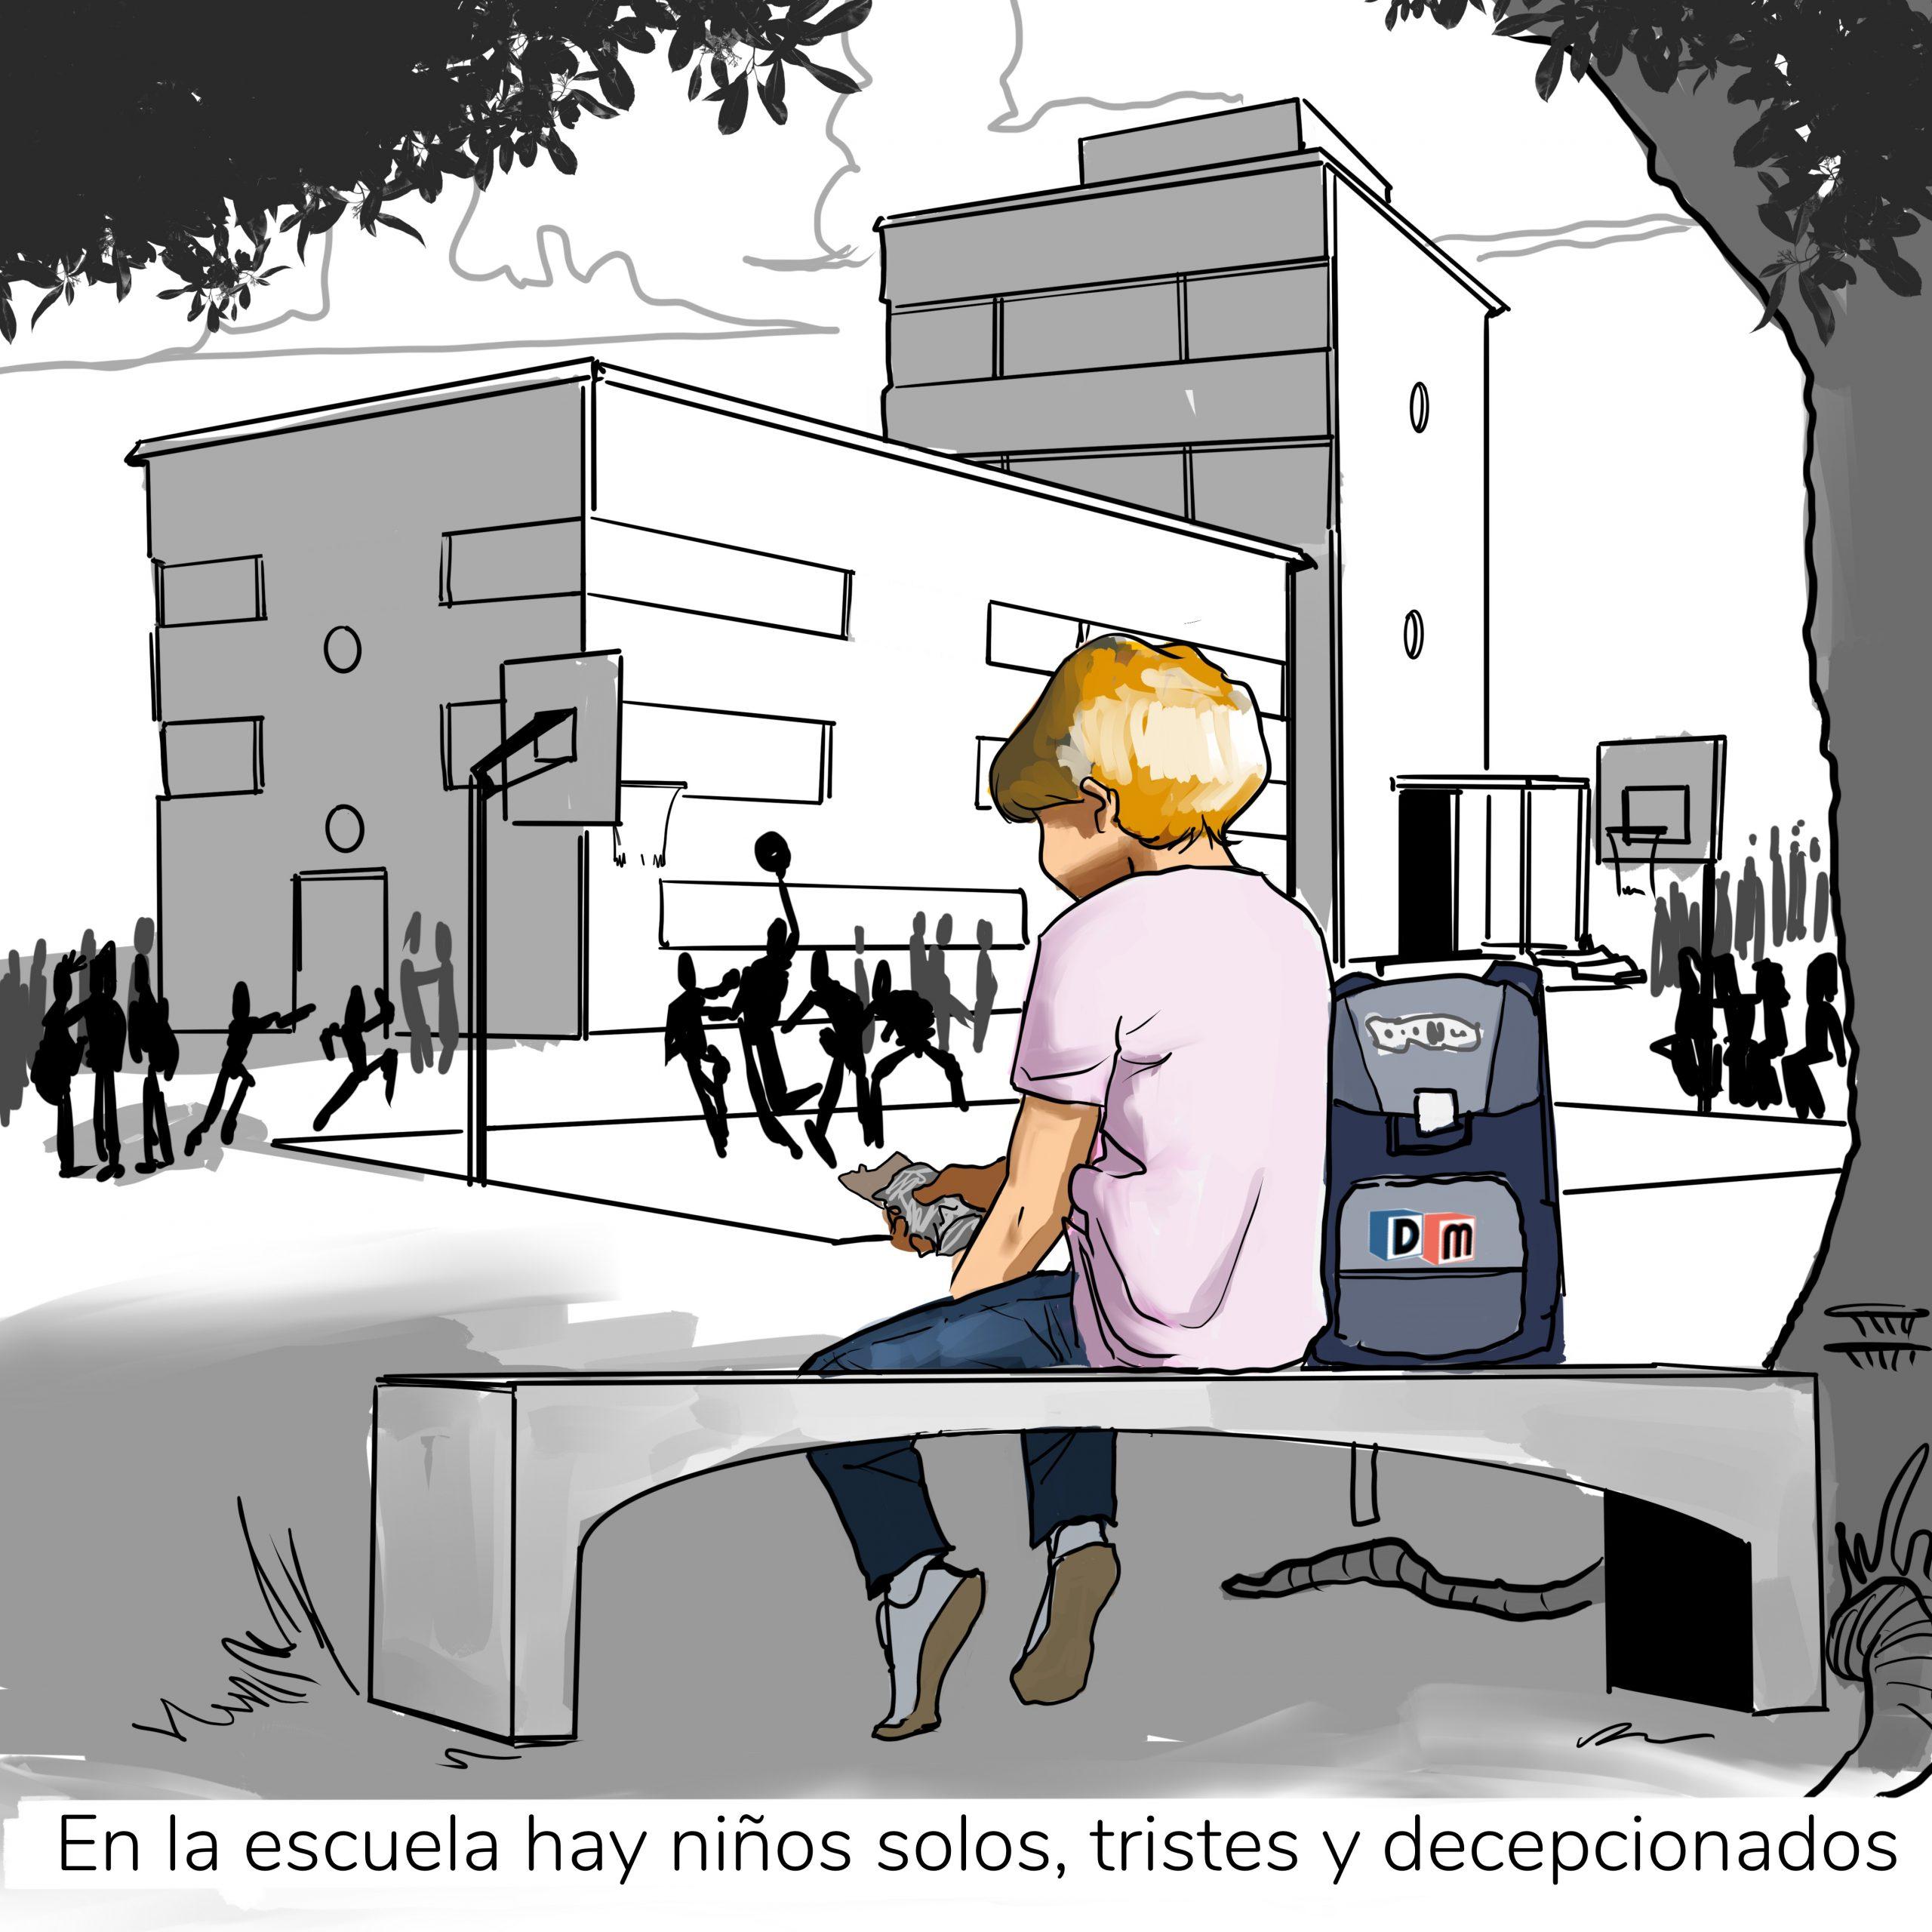 David Mora_Viñeta 17_En la escuela hay niños solos, tristes y decepcionados